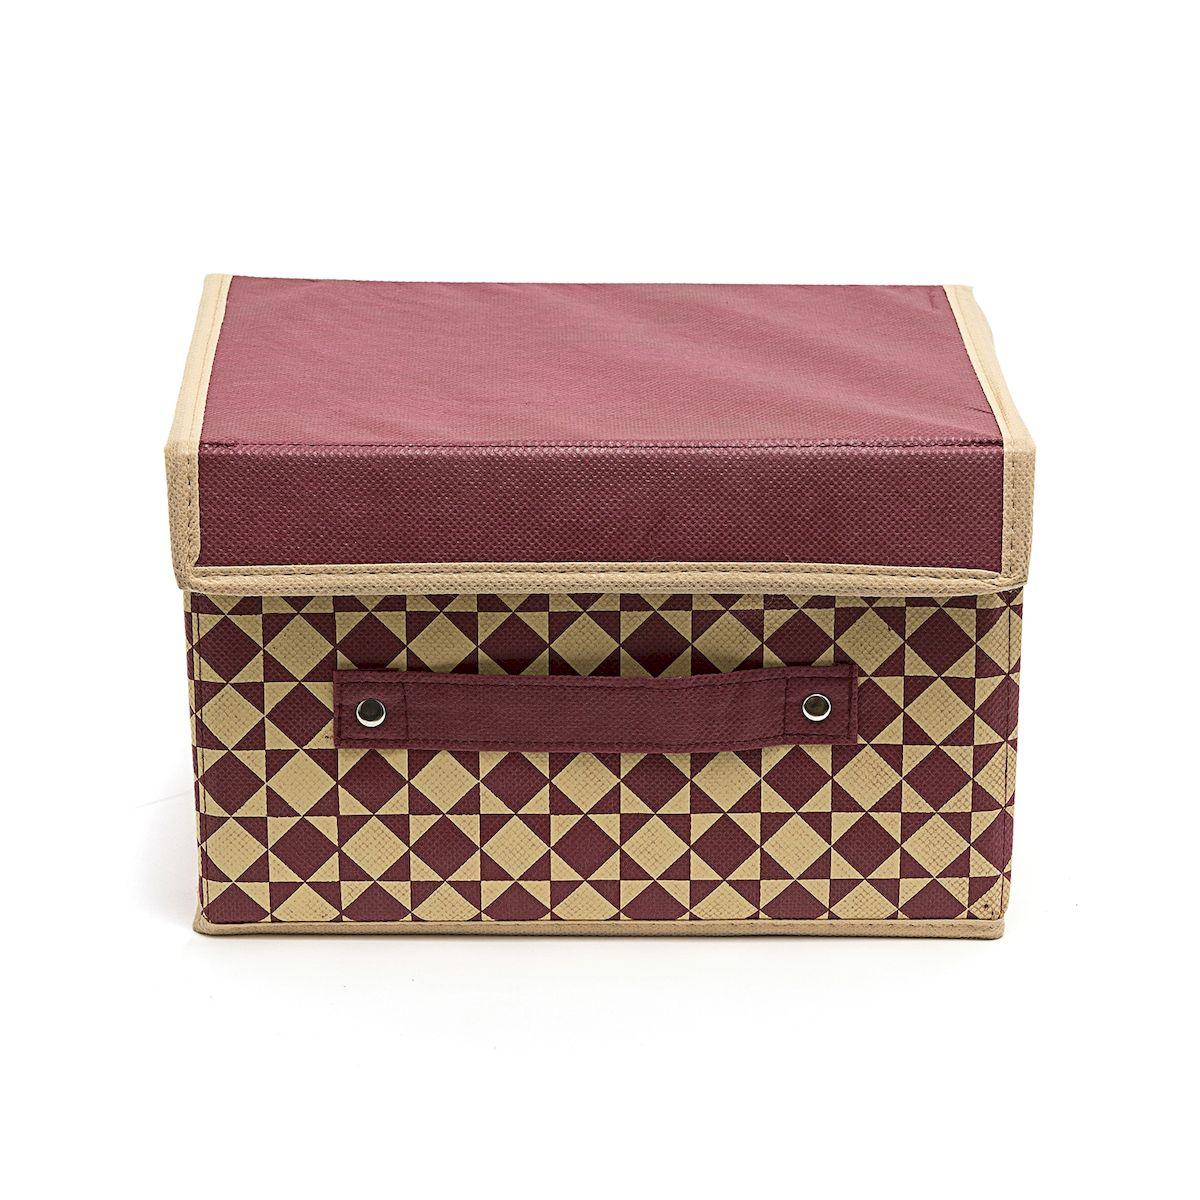 Коробка для хранения Homsu Bordo, 19 х 25 х 16 см41619Вместительная коробка для хранения Homsu Bordo выполнена из плотного картона. Изделие обладает удобным размером и привлекательным дизайном, выполненным в приятной цветовой гамме. Внутри коробки можно хранить фотографии, ткани, принадлежности для хобби, памятные сувениры и многое другое. Крышка изделия удобно открывается и закрывается.Коробка для хранения Homsu Bordo станет незаменимой помощницей в путешествиях.